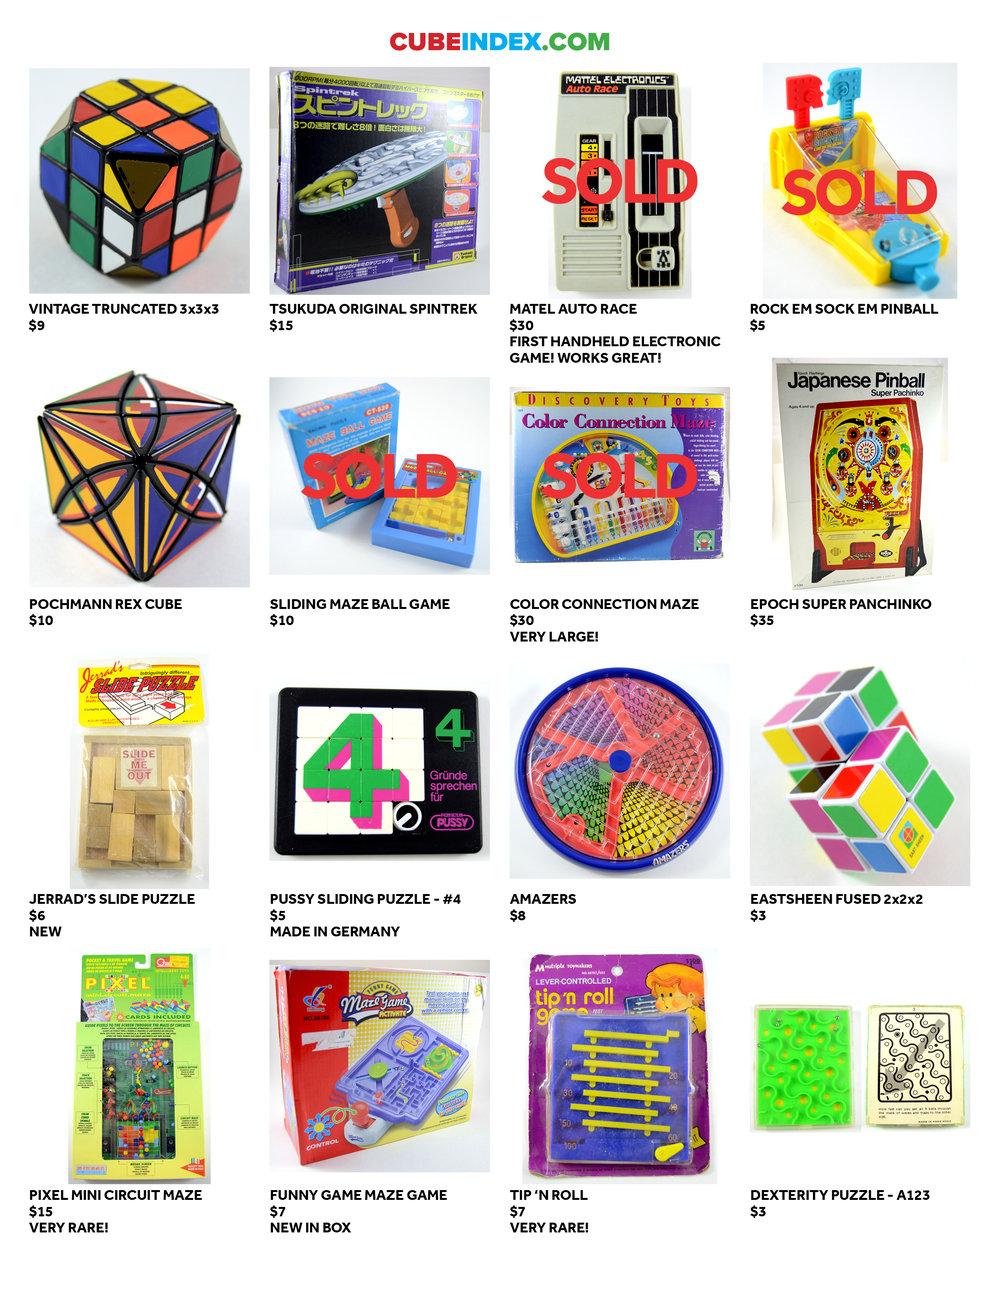 cube-index-for-sale-catalog-april-2017-v527.jpg